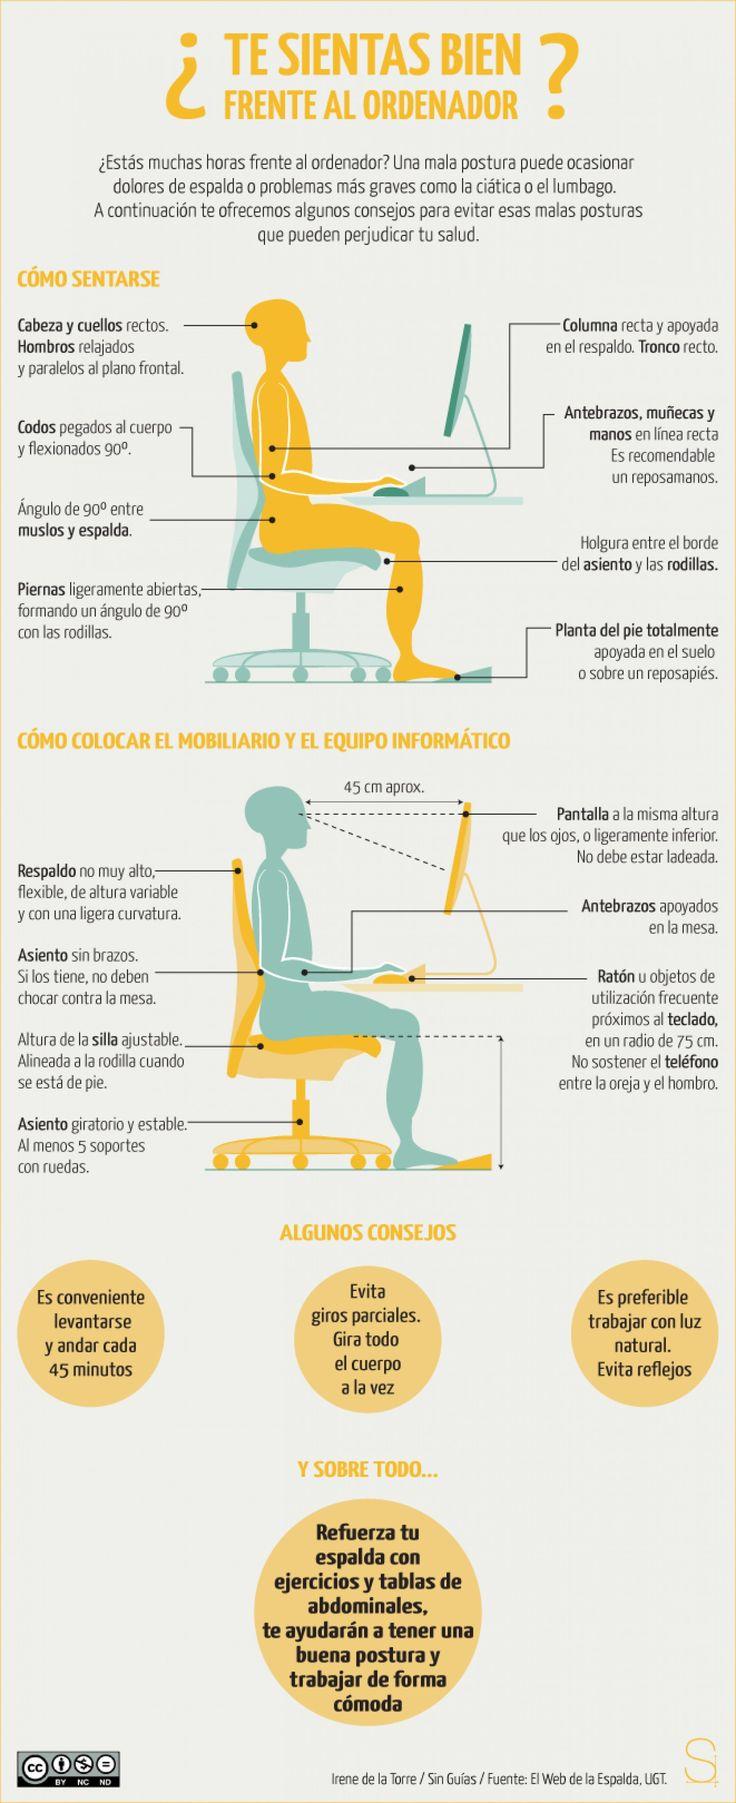 Cómo sentarse bien y cómo colocar mobiliario y ordenador para no sufrir dolores de espalda